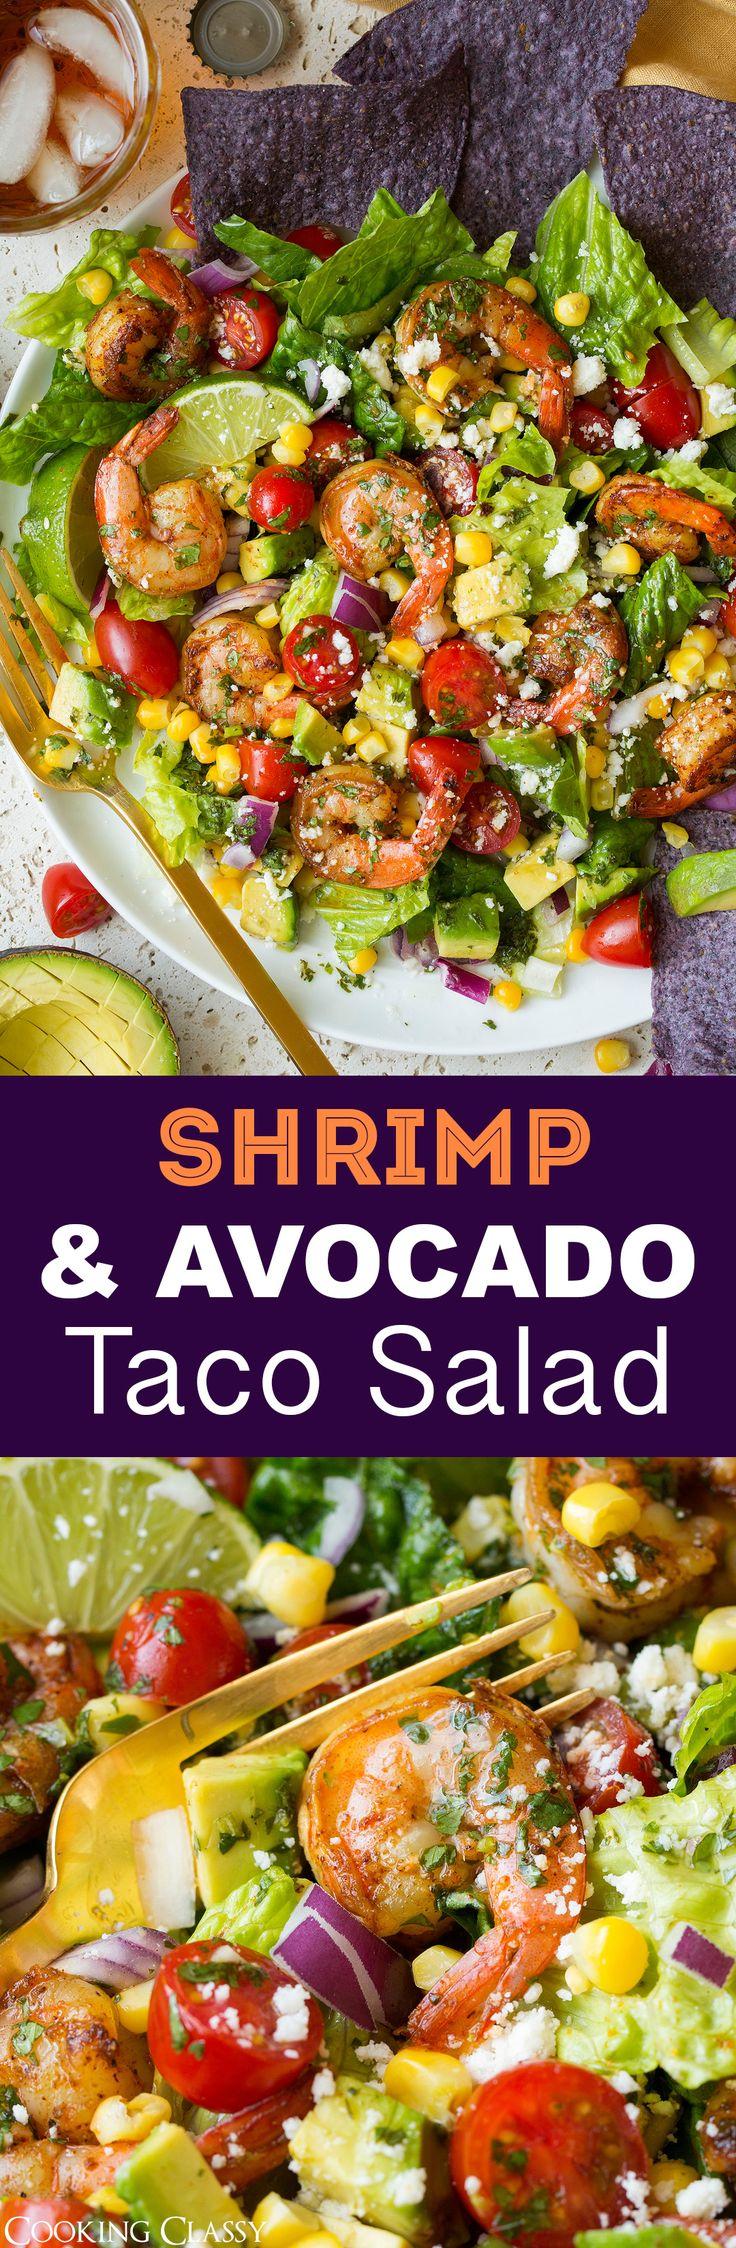 Shrimp and Avocado Taco Salad - Cooking Classy